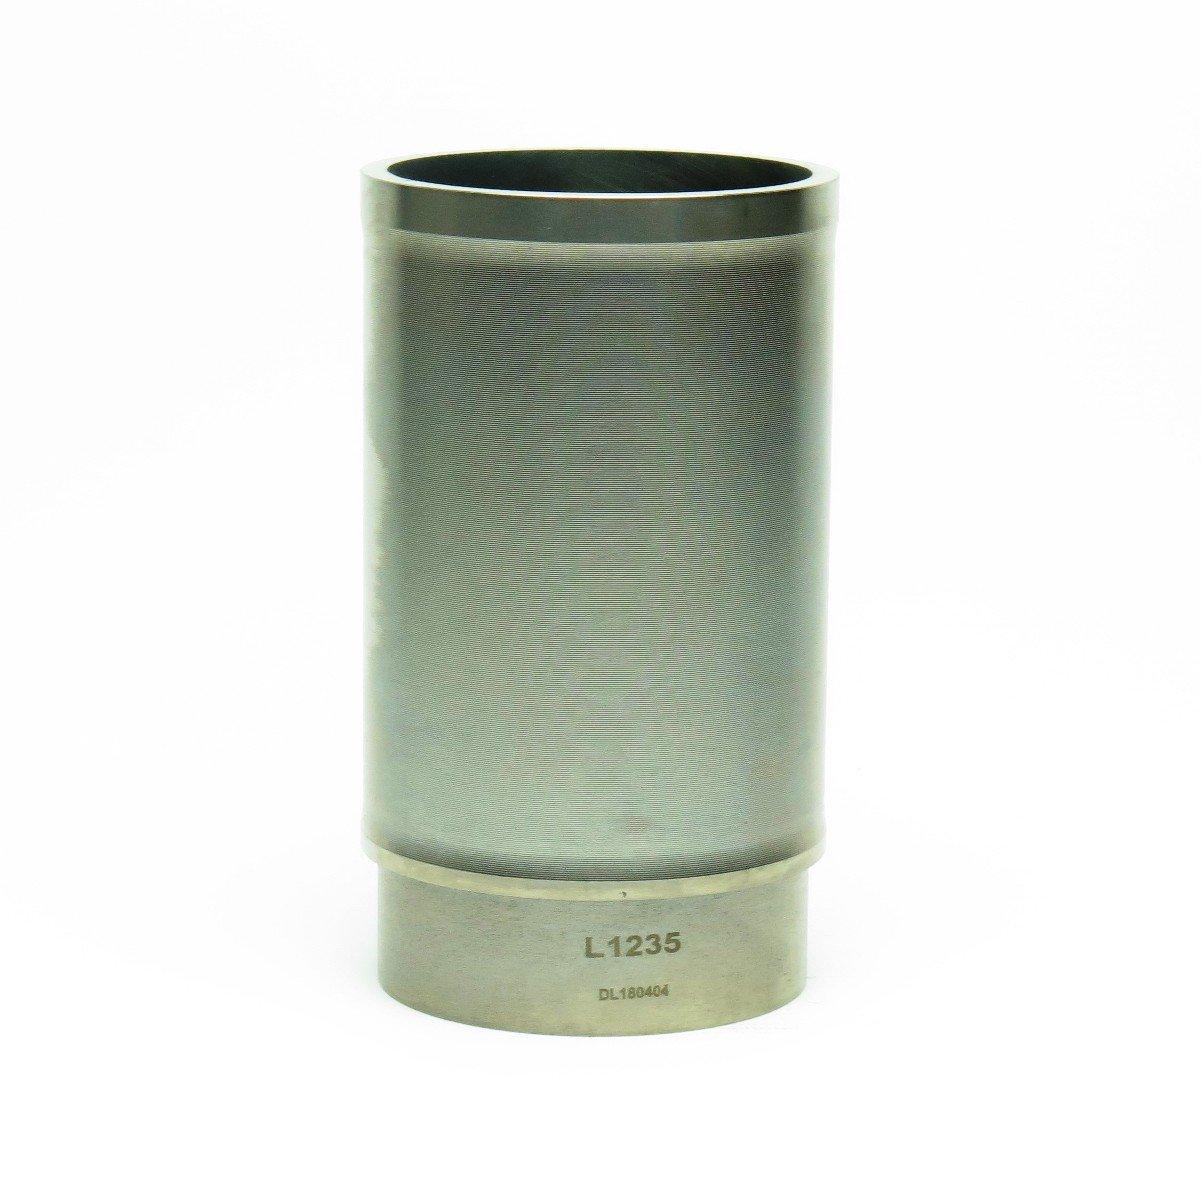 L 1235 - Cylinder Repair Liner